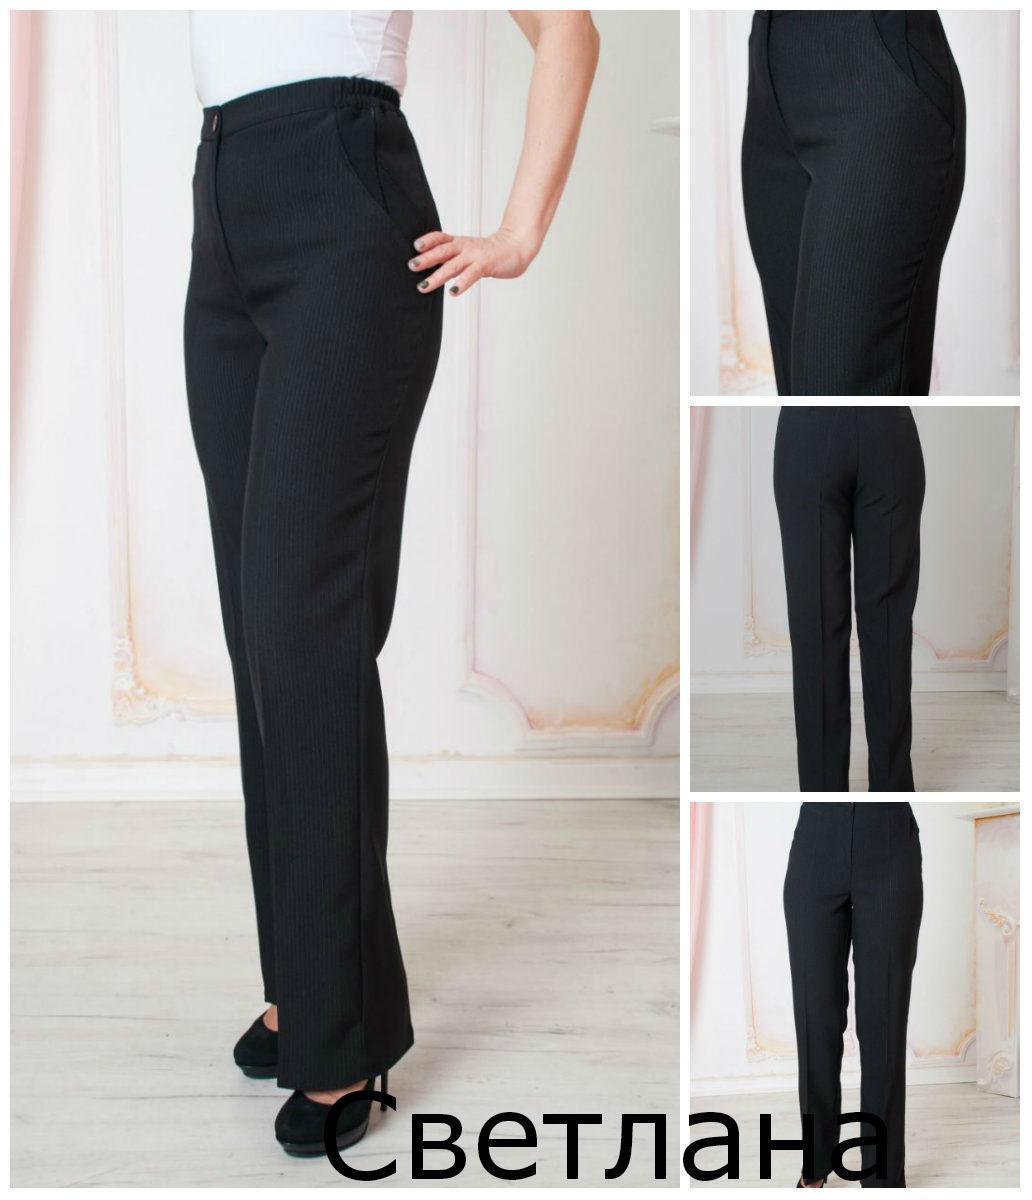 Женские классические брюки Светлана из костюмной ткани, 52,54,56,58,60,62,64